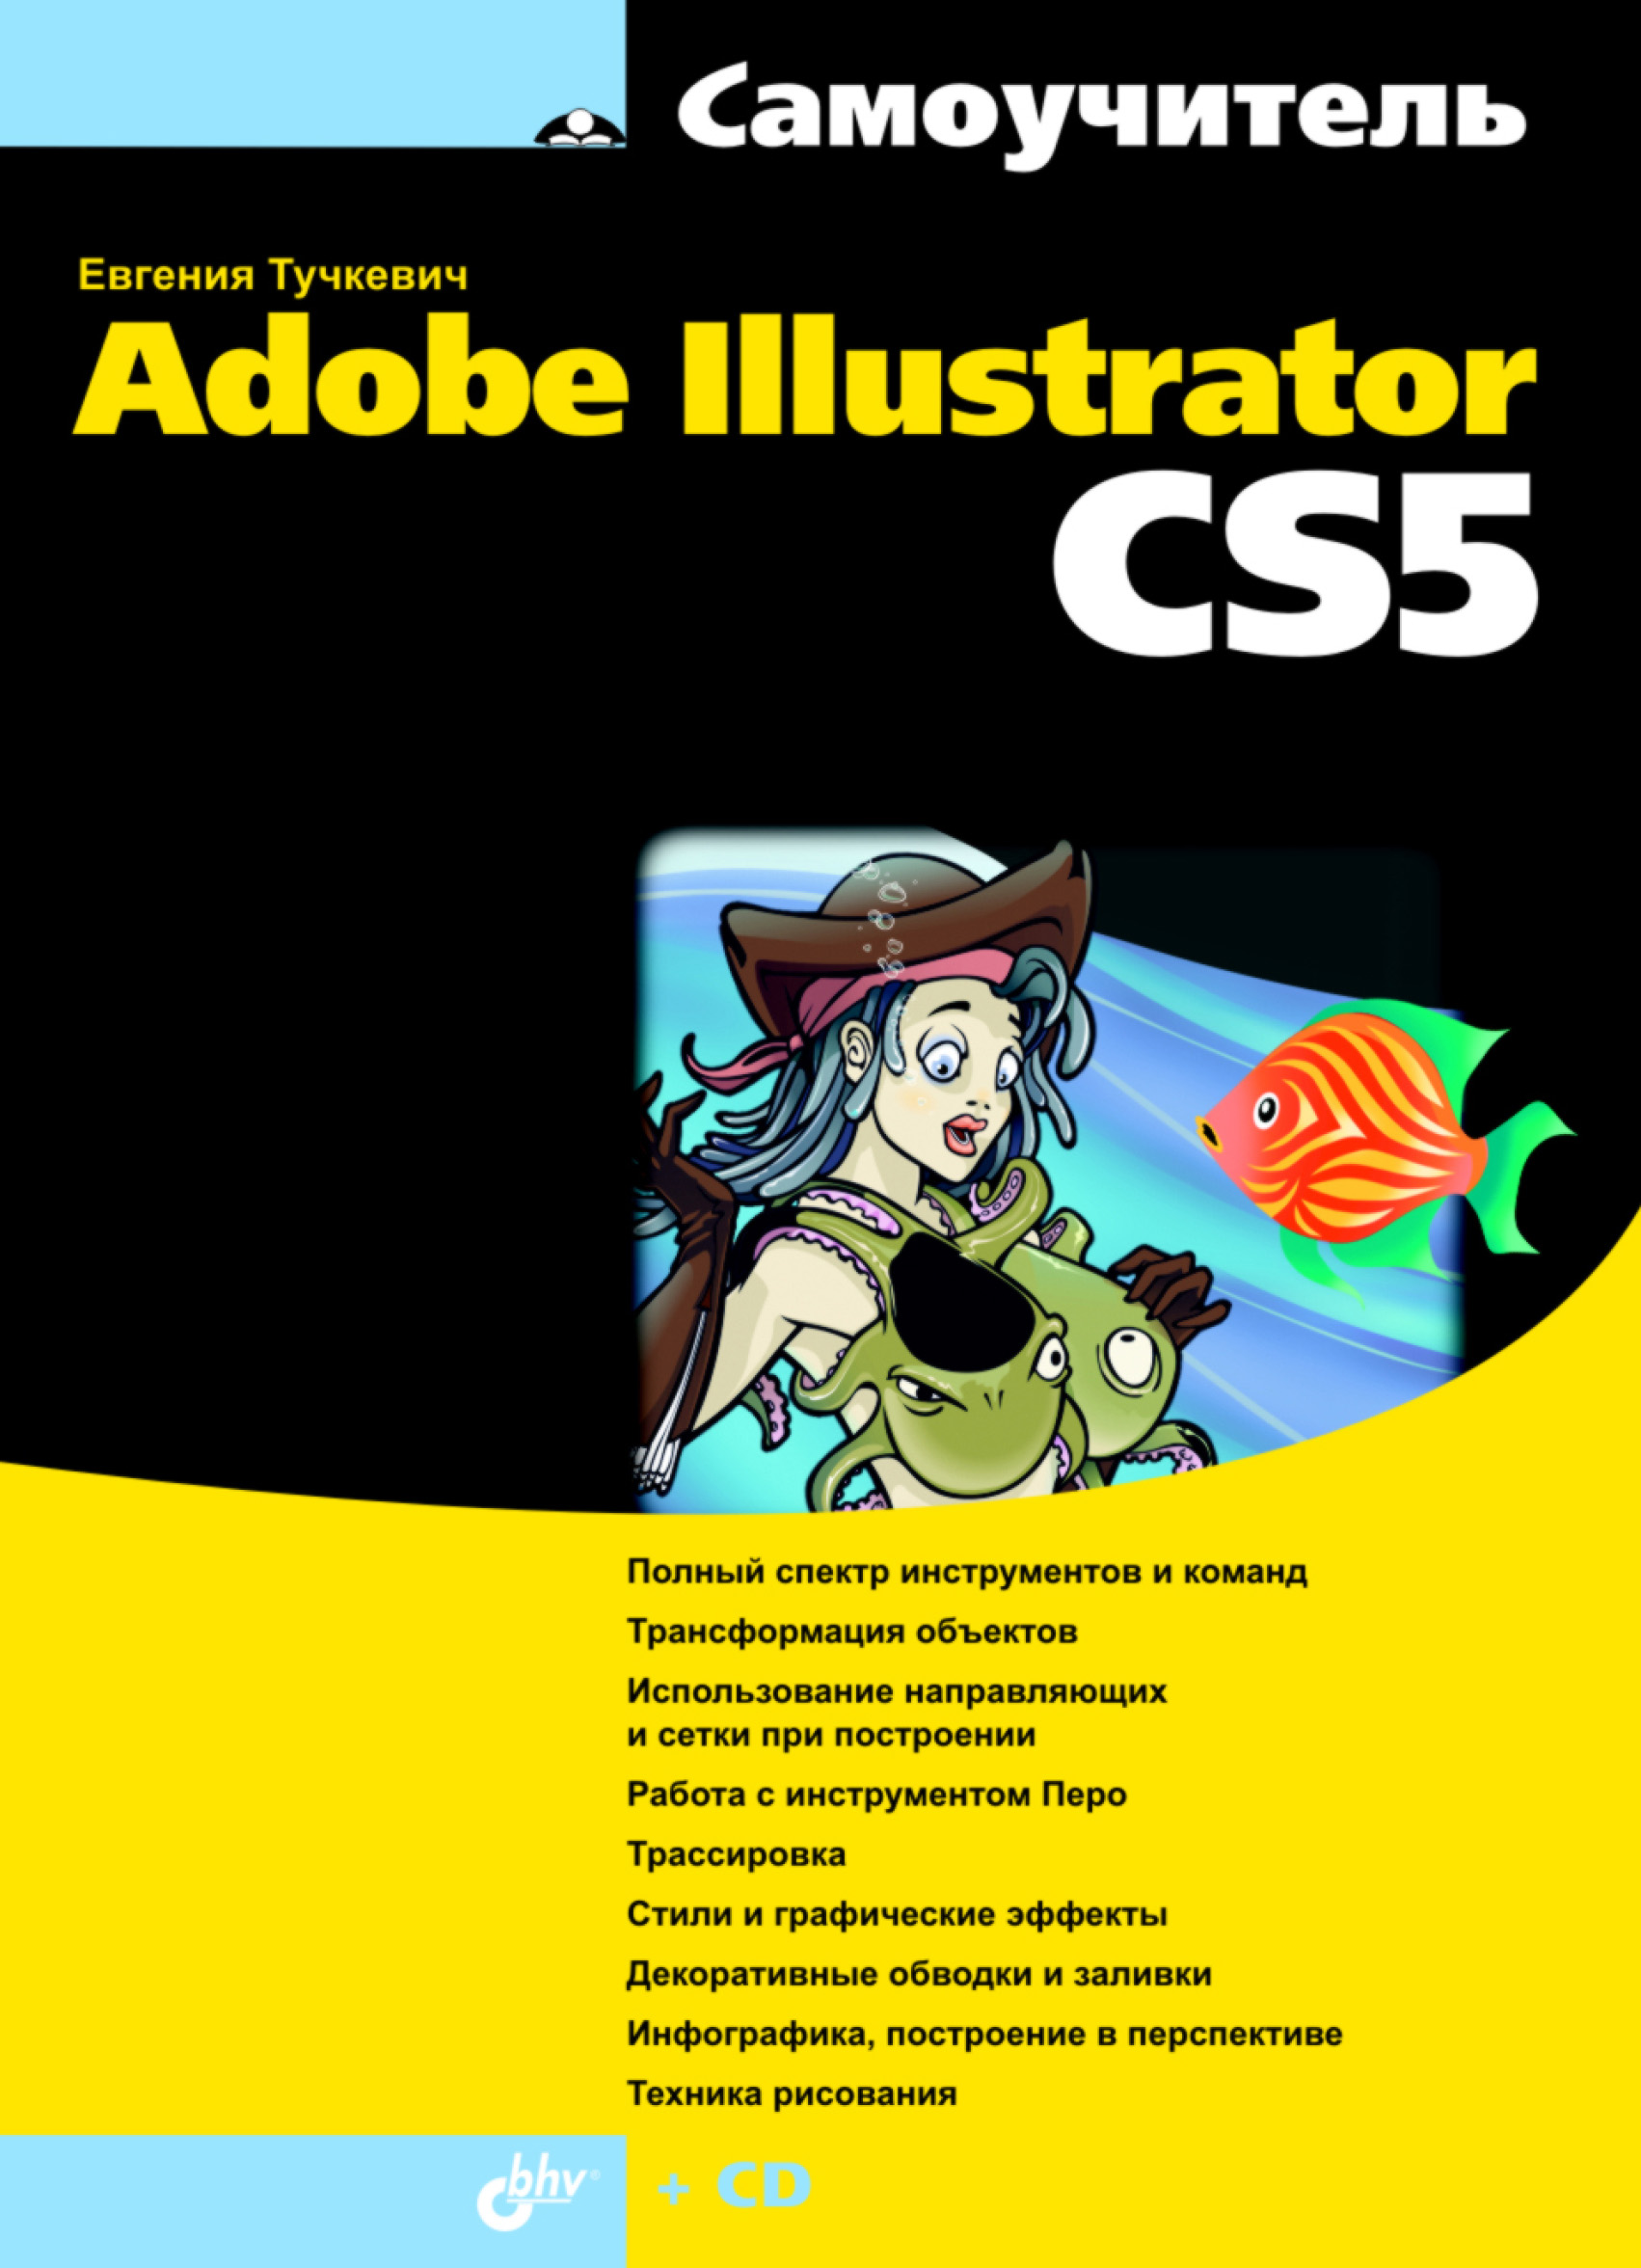 Евгения Тучкевич Самоучитель Adobe Illustrator CS5 коллектив авторов adobe illustrator cs5 page 5 page 3 page 2